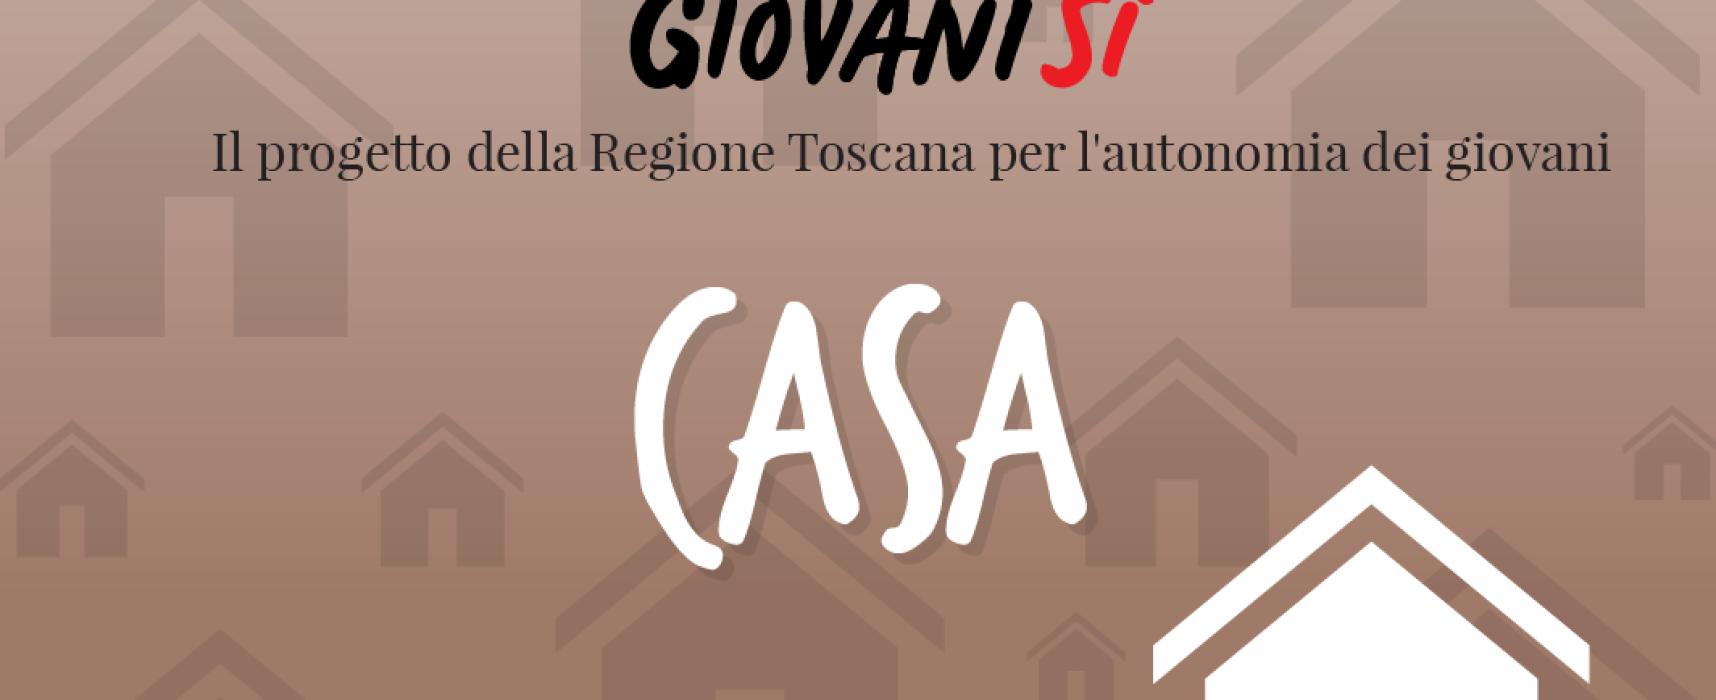 Giovanisì: ecco il nuovo Bando Casa 2018